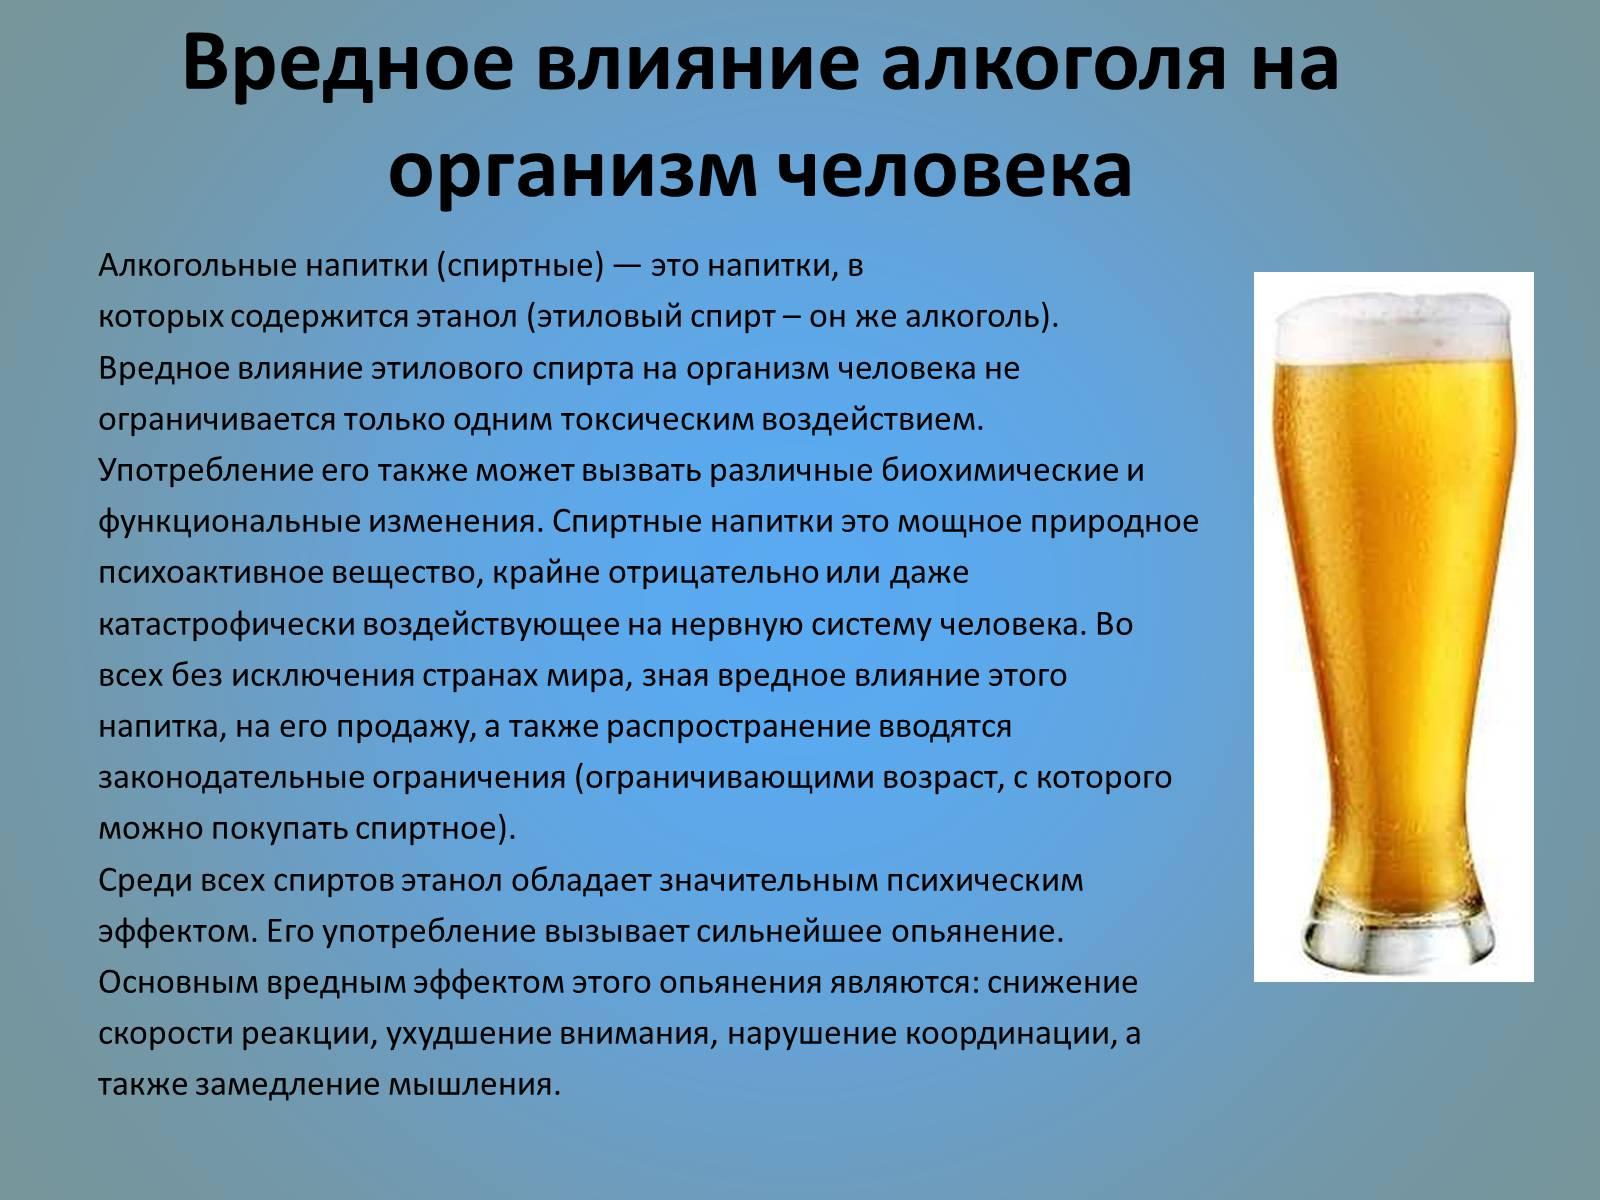 Вызывает ли алкоголь месячные. можно ли пить алкоголь во время месячных